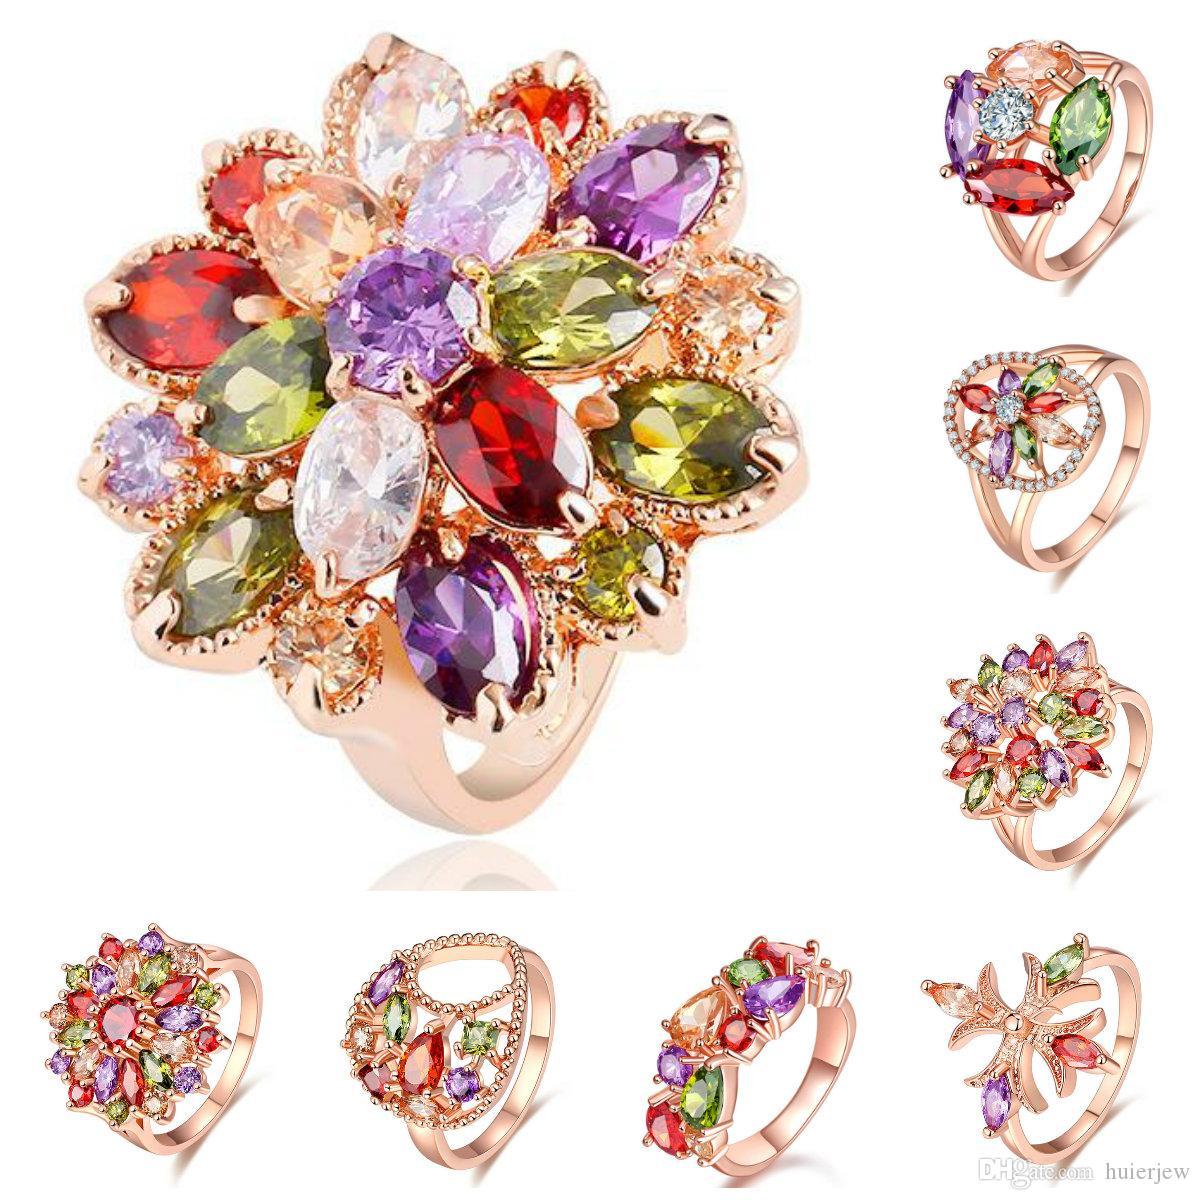 Fashion Femmes Plaqué Or Violet Royal Zircone Cubique Zircone Cubique Solitaire Anneau Bijoux